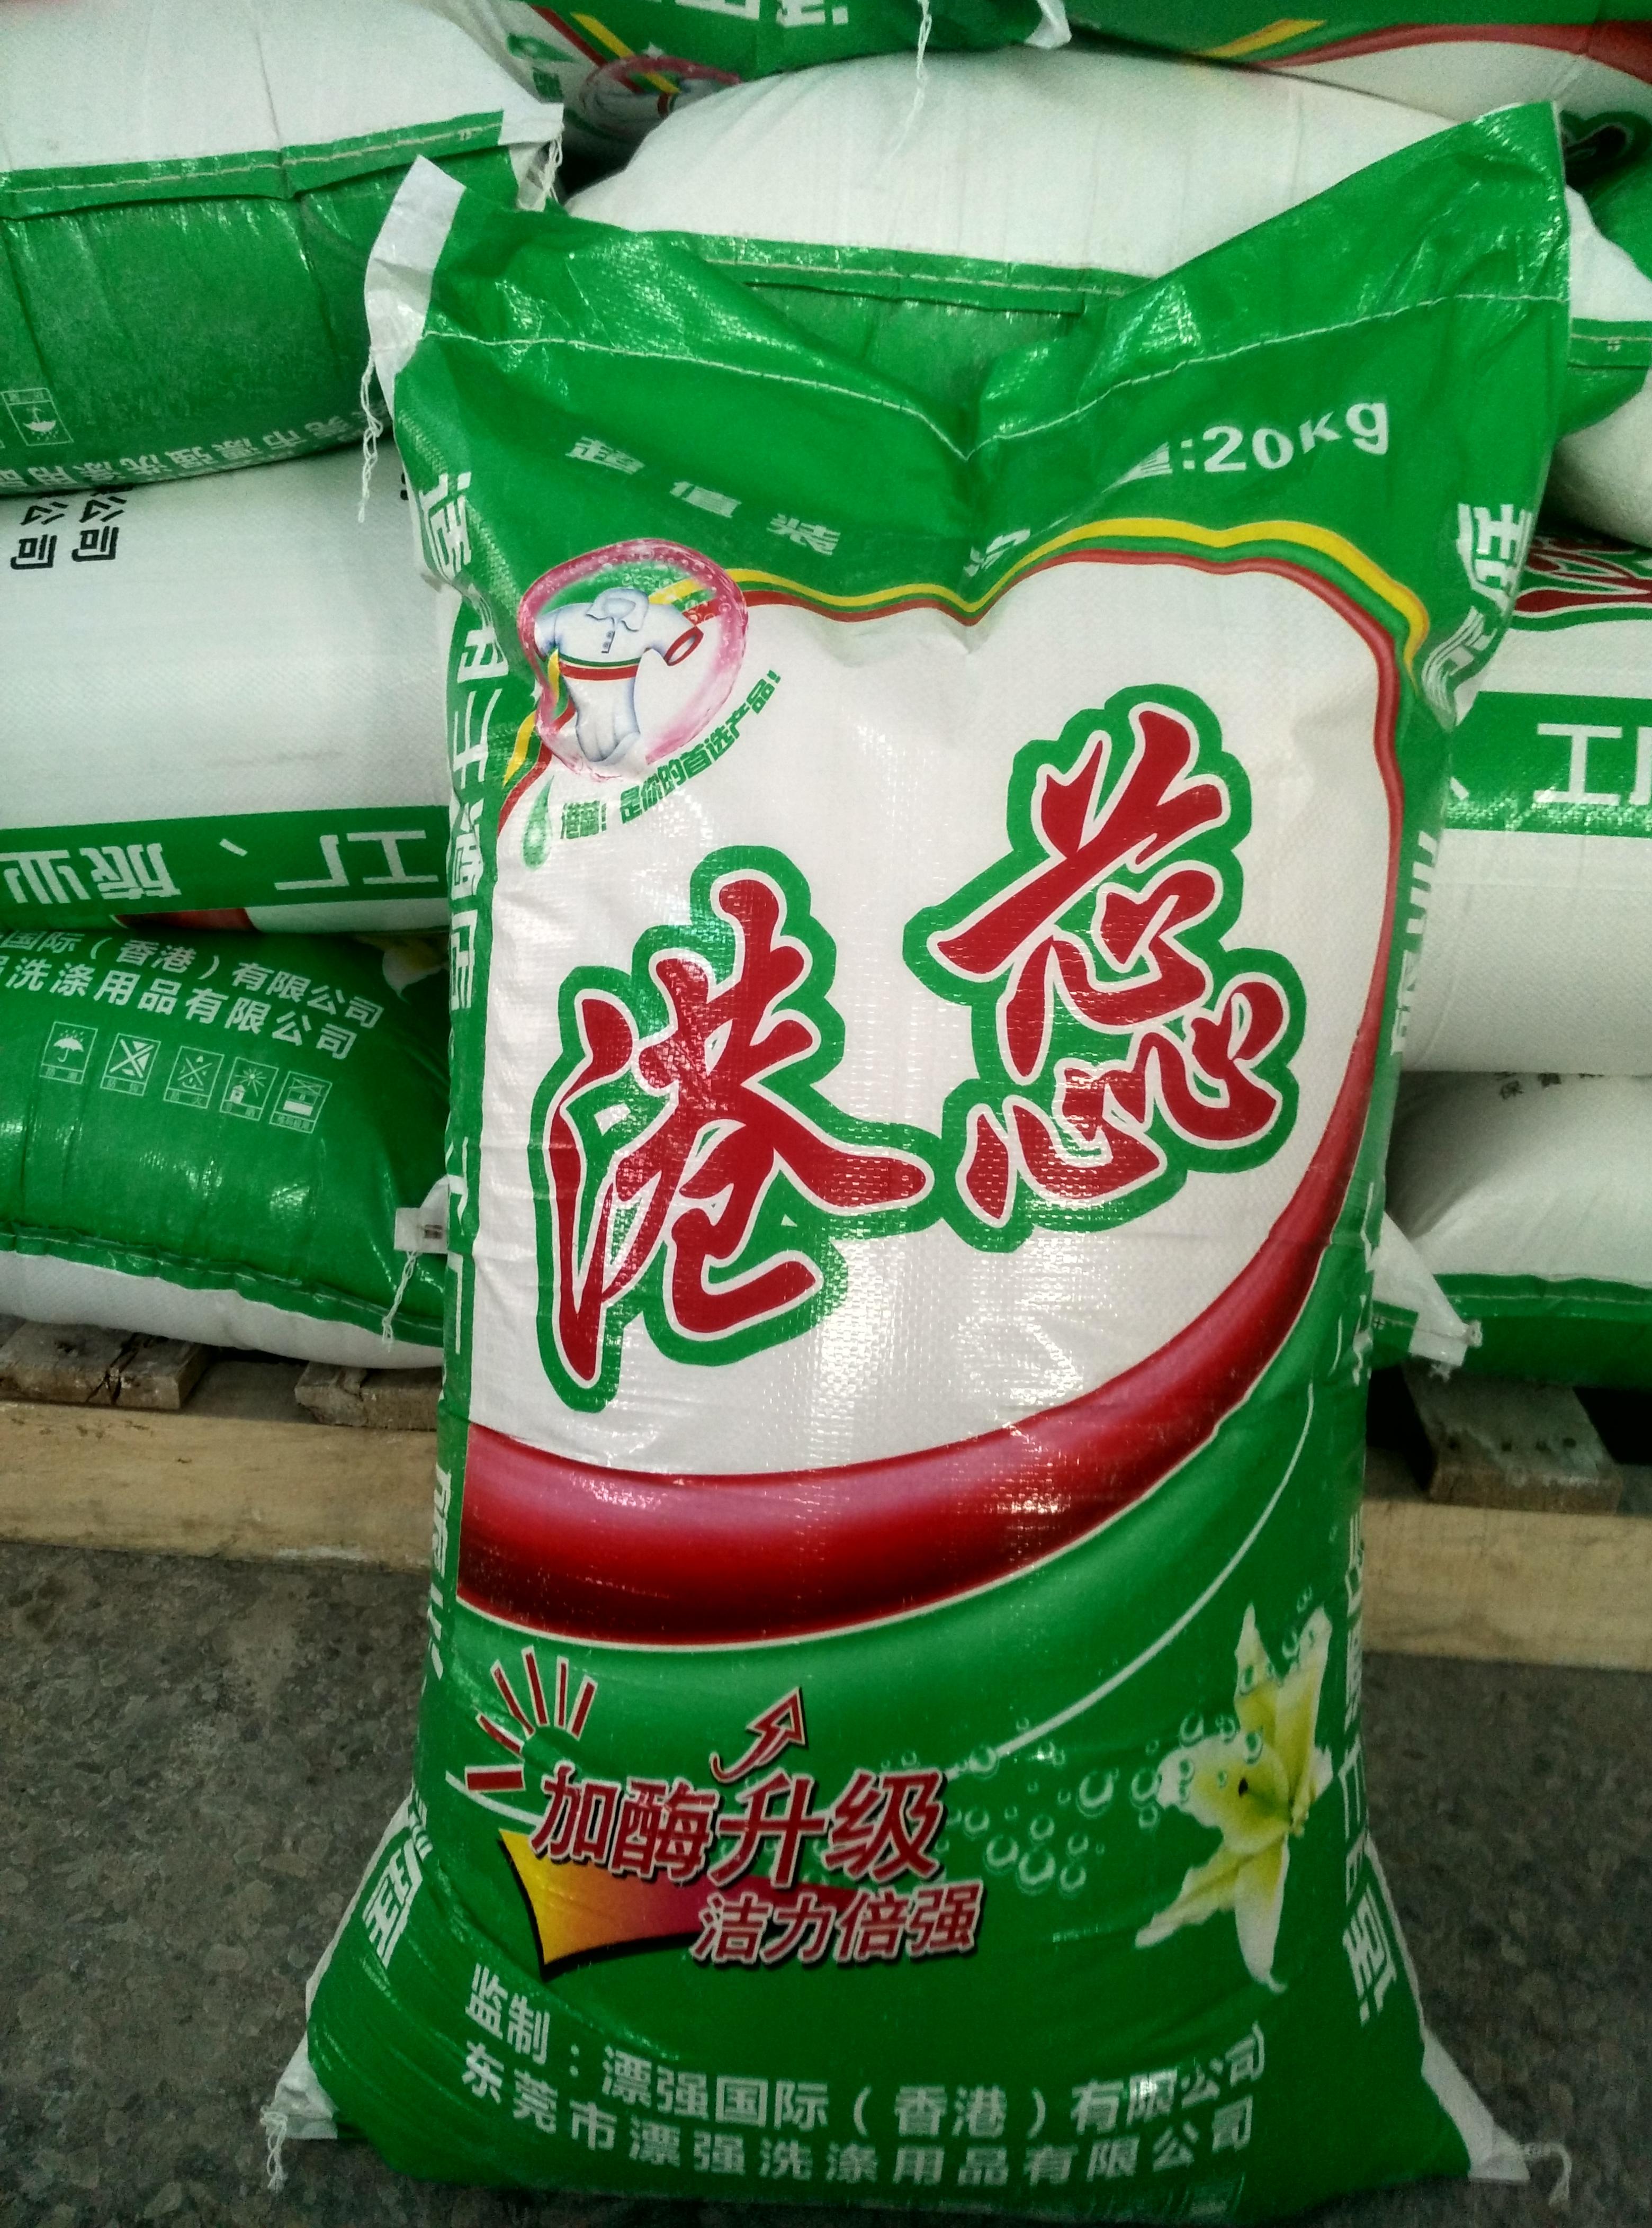 供应生产销售洗涤剂配方系列产品生产销售散装洗衣粉品牌洗衣粉